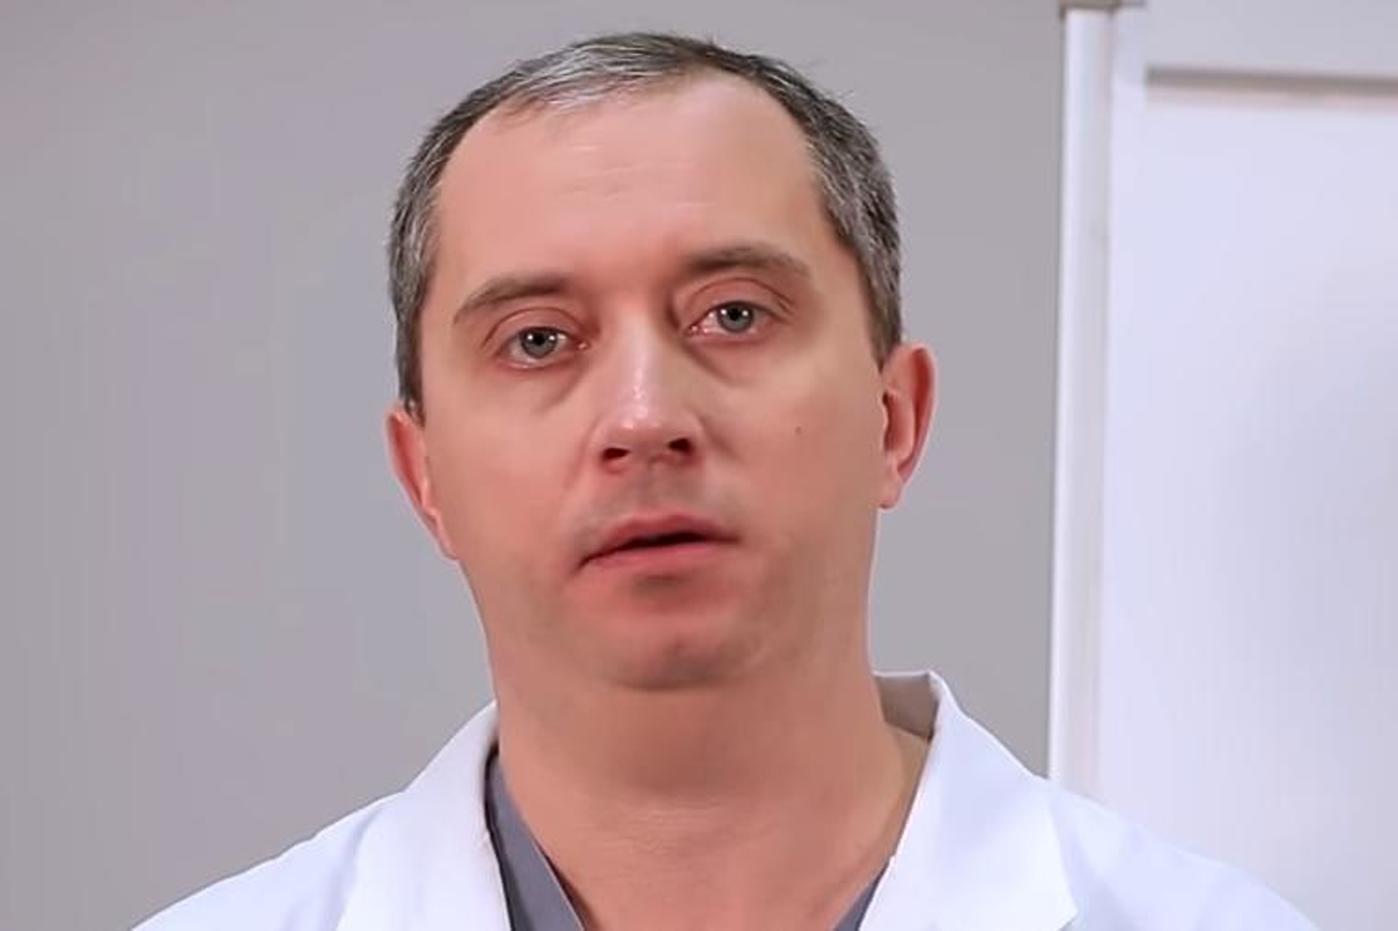 gimnastika protiv hipertenzije video savjete o prehrani hipertenzije